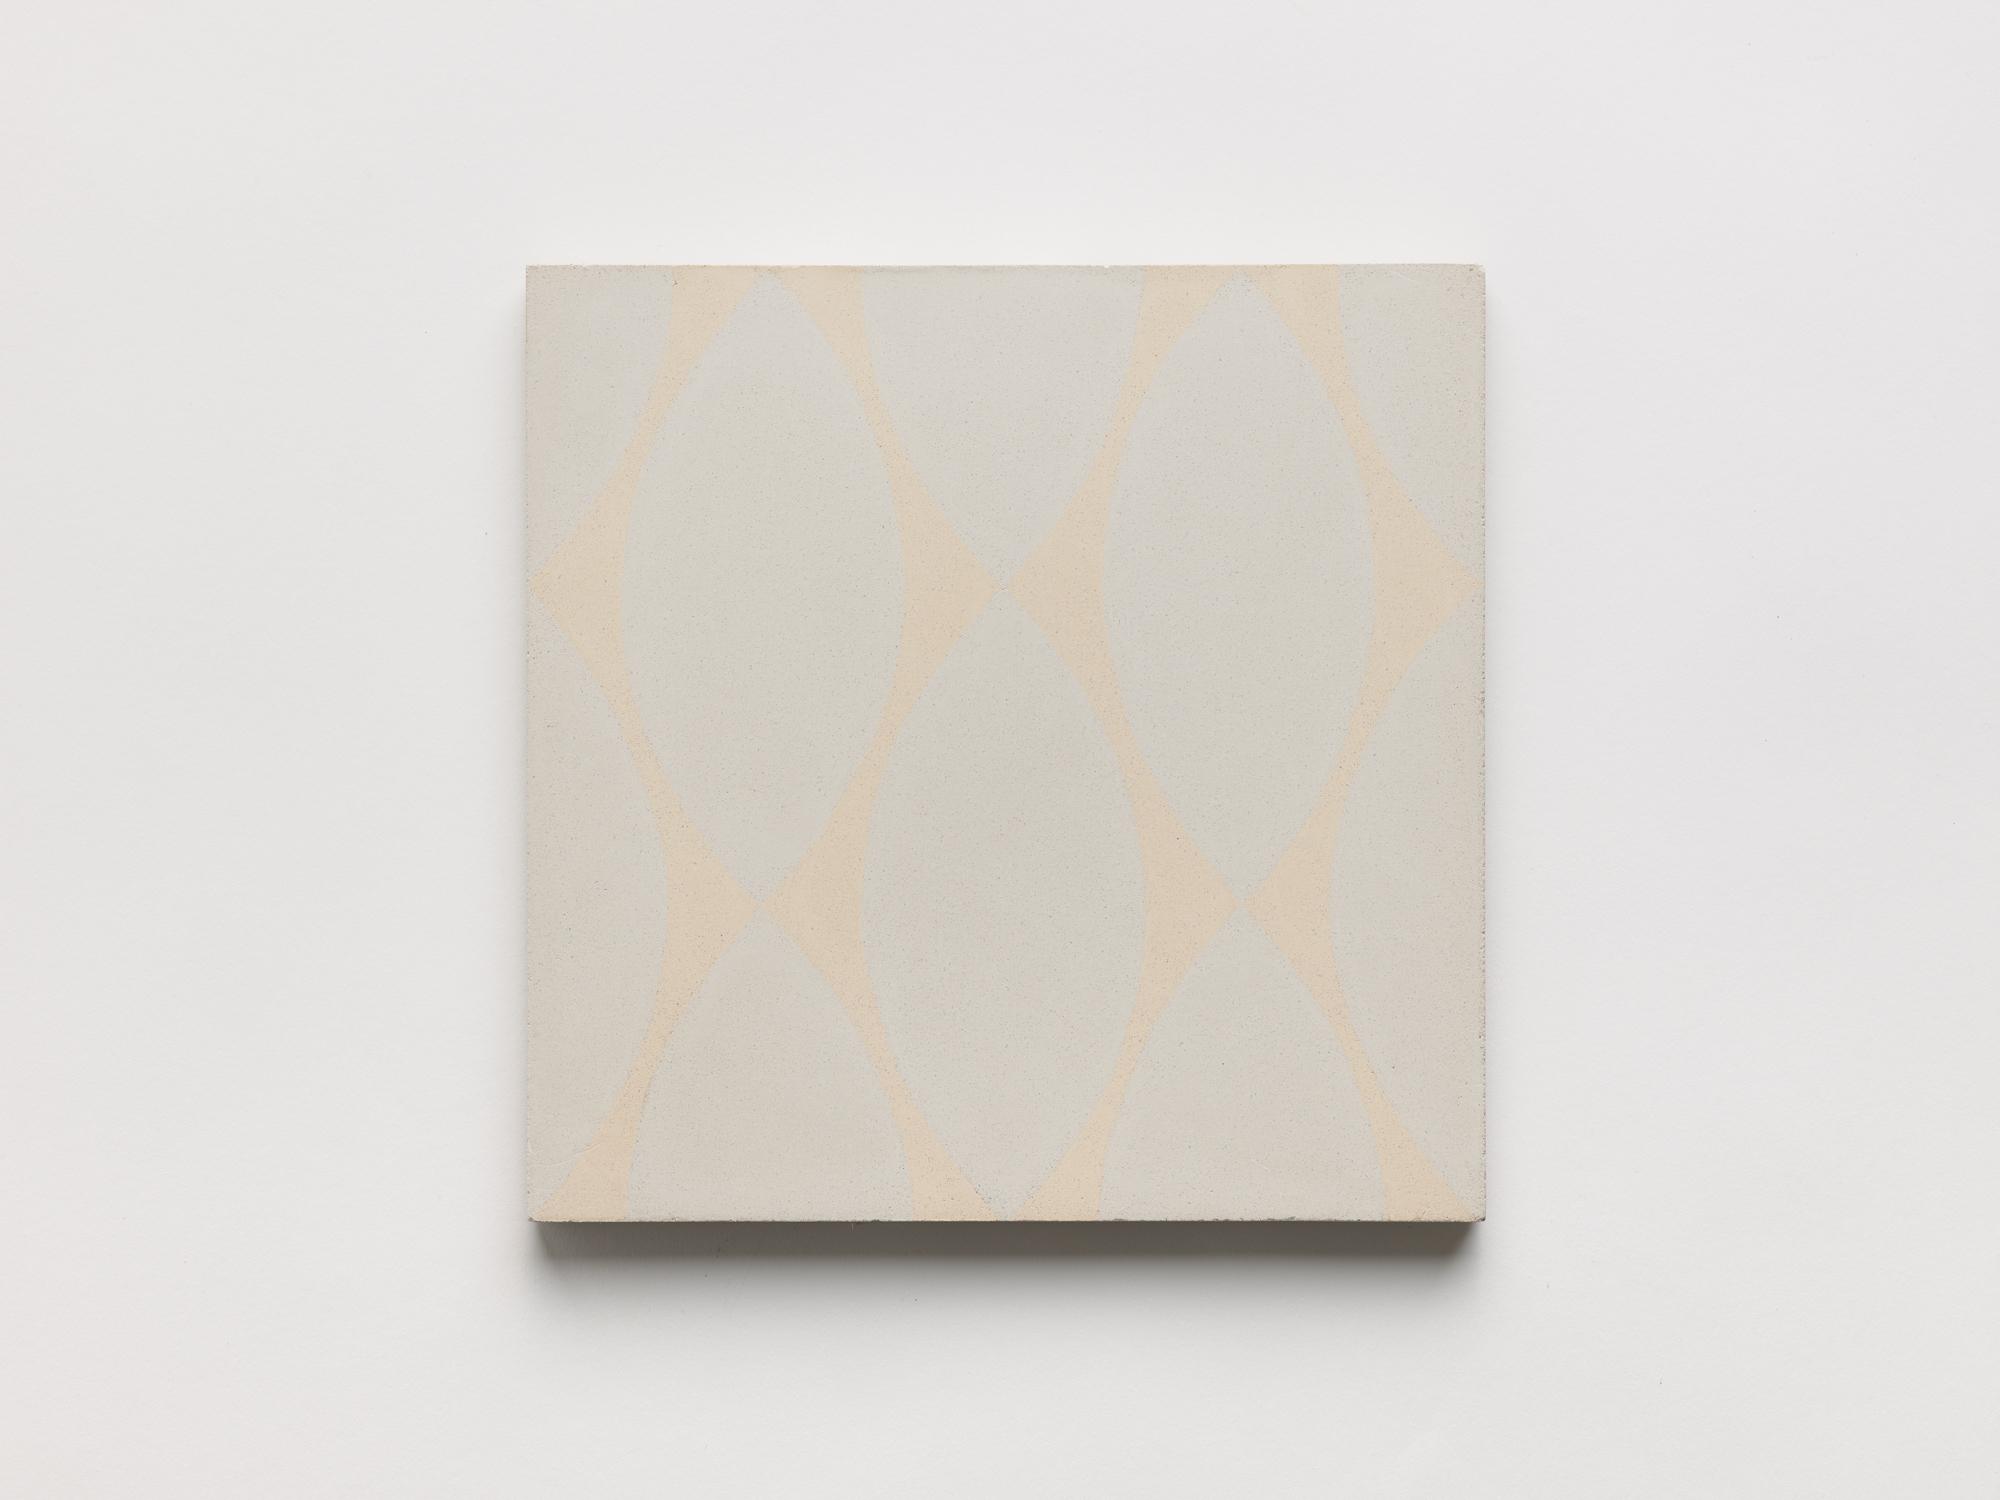 Valentine Bärg Architectures Genève Carreaux de Ciment Collaboration Mosaic del Sur 3